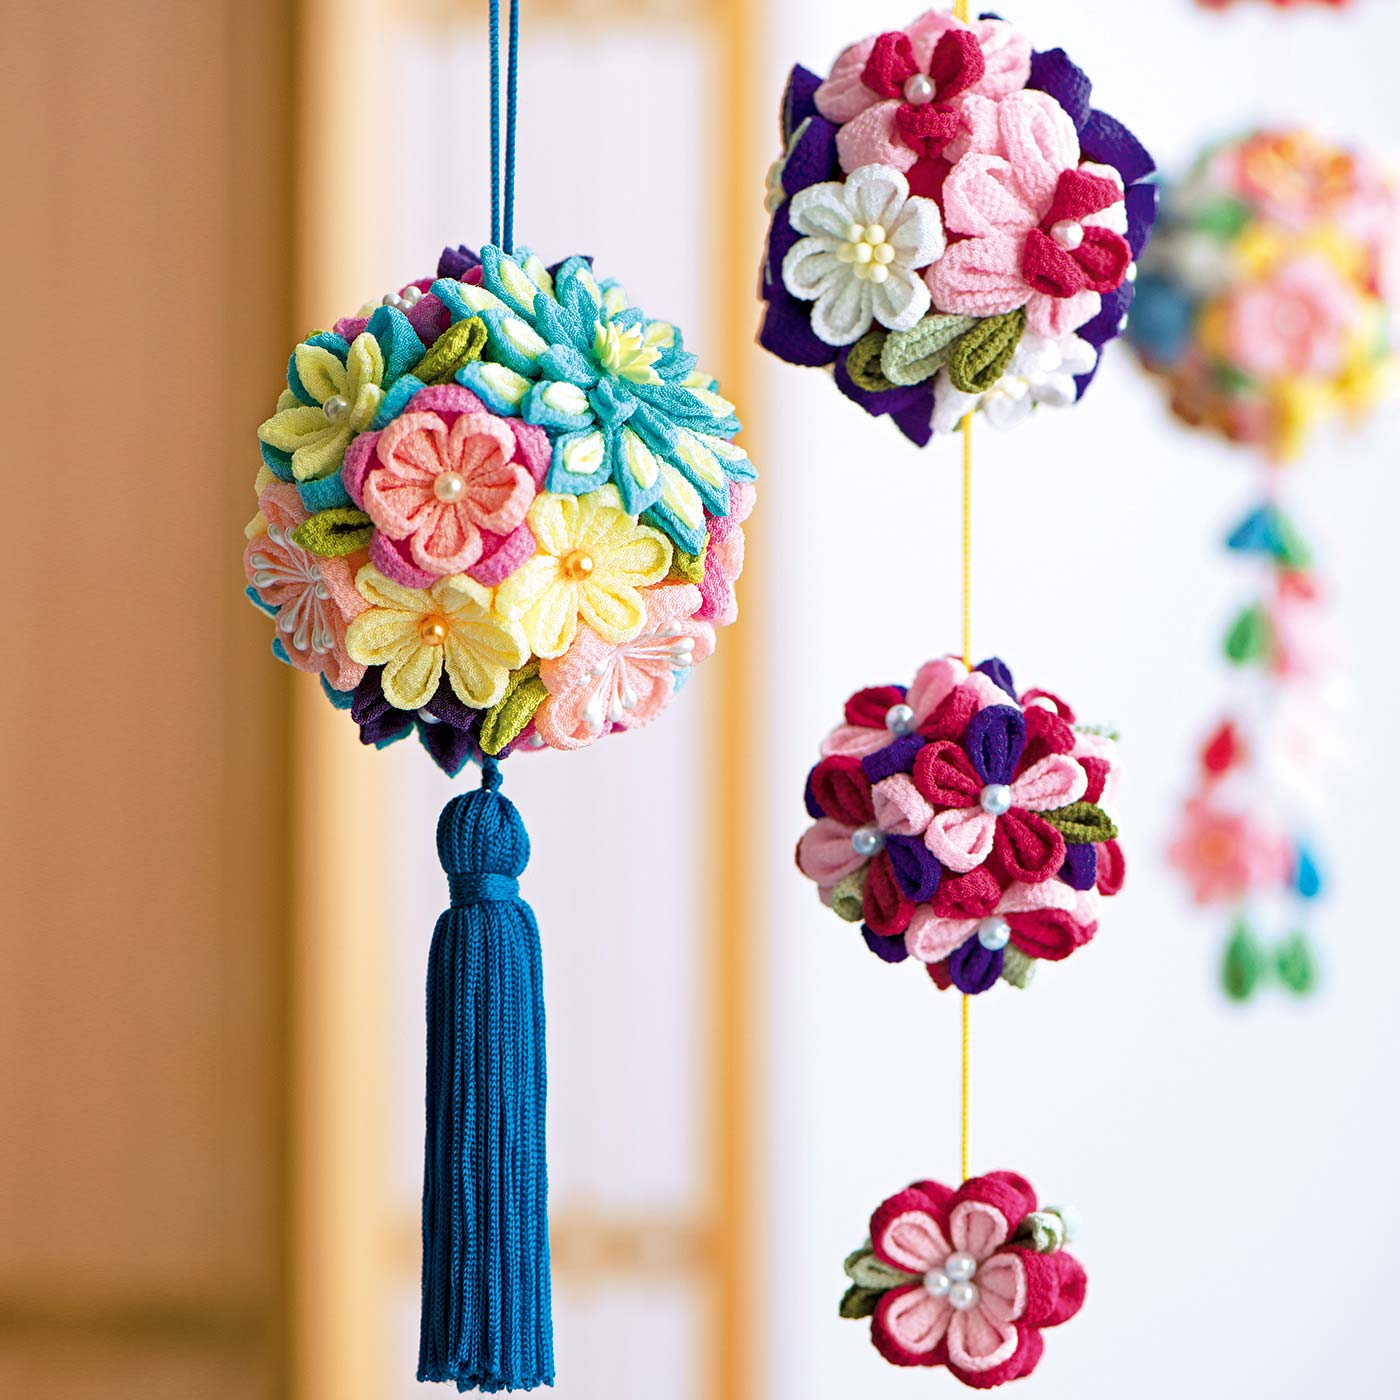 切って、つまんで、貼るだけで針糸いらずのつまみ細工。大小さまざまなサイズや種類のお花を作って、バランスよく組み合わせて美しく仕上げます。